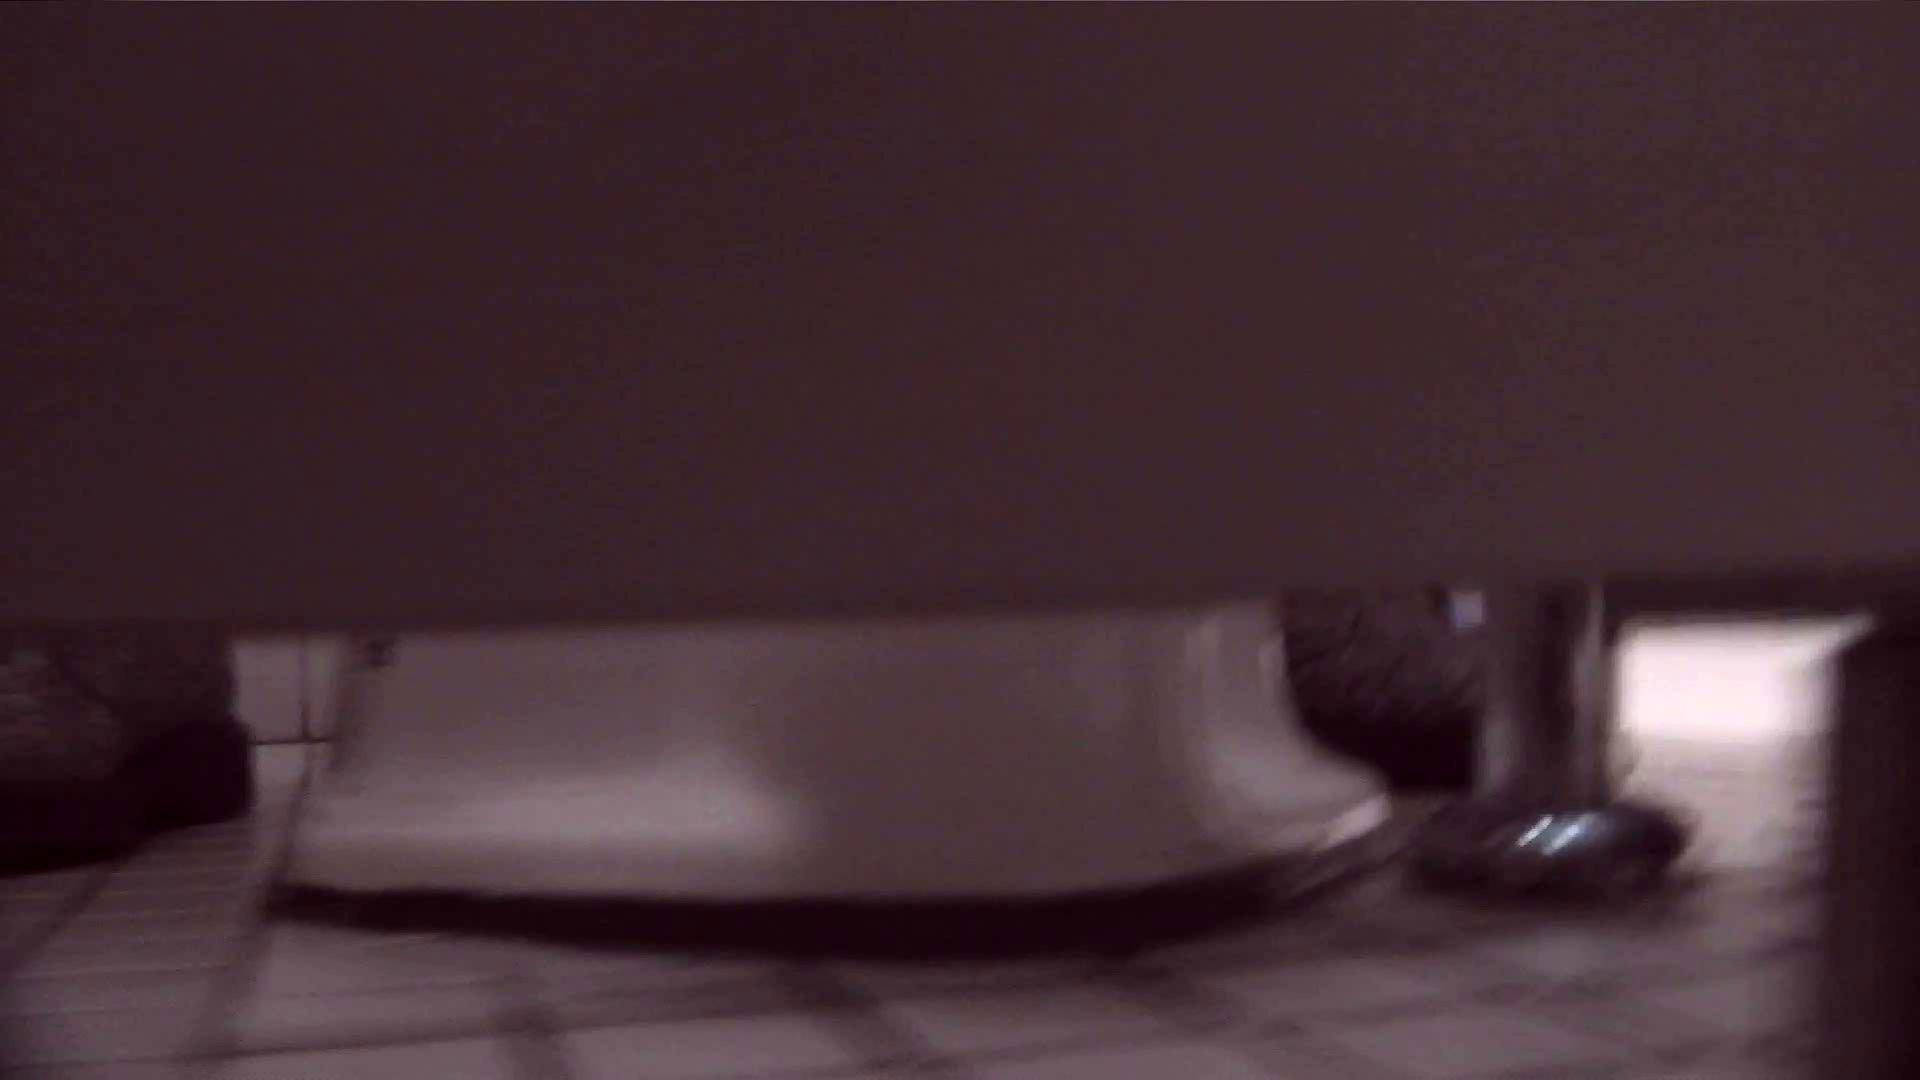 vol.18 命がけ潜伏洗面所! お好みがきっと見つかる プライベート 覗きスケベ動画紹介 74画像 43